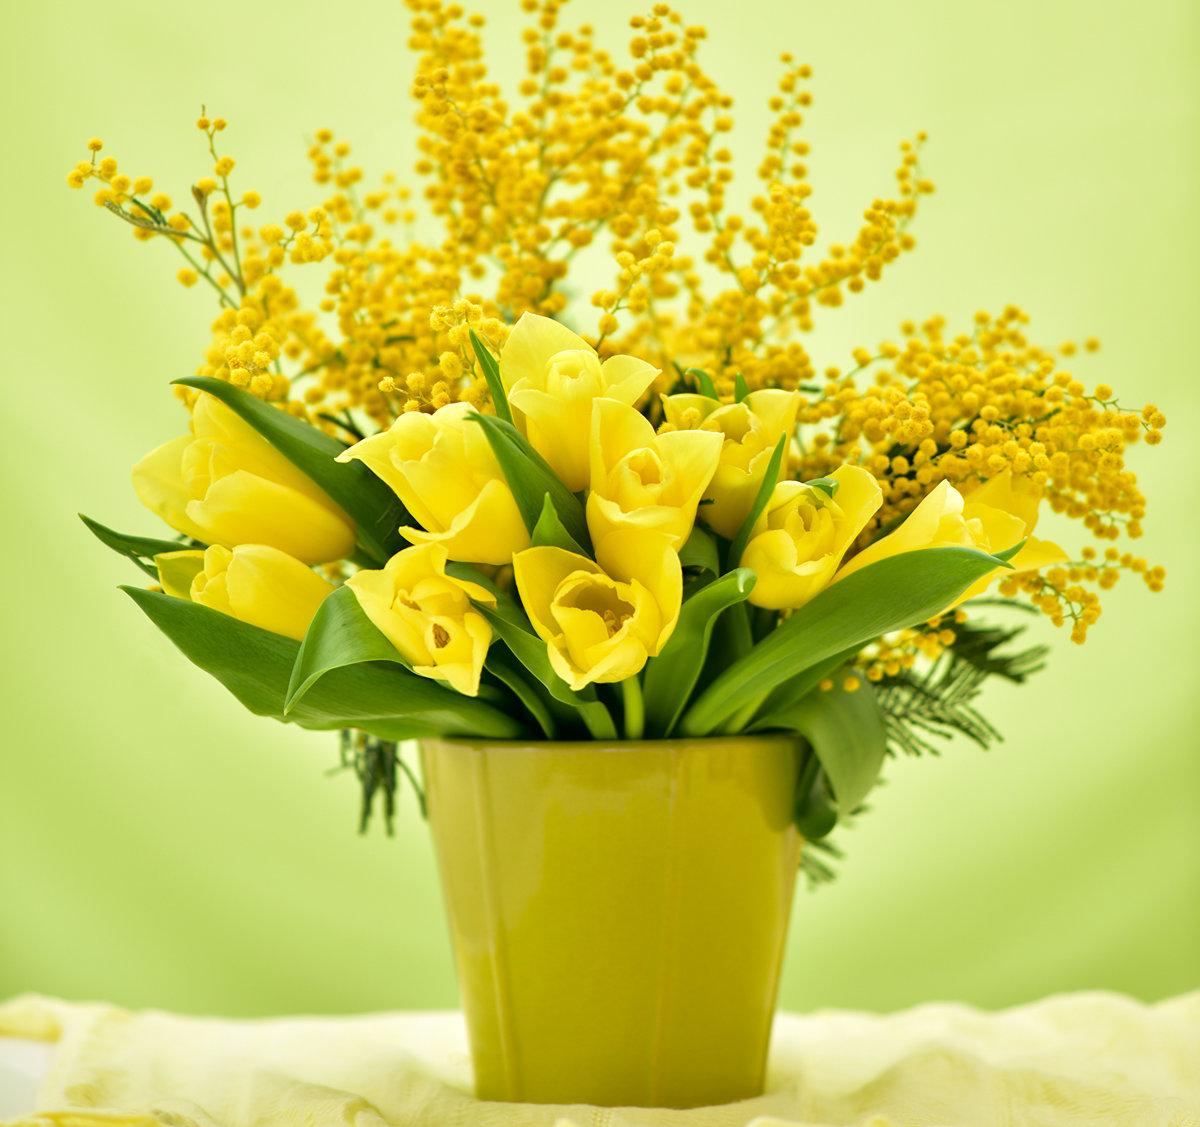 Картинки для, весенние картинки тюльпаны мимоза подснежники